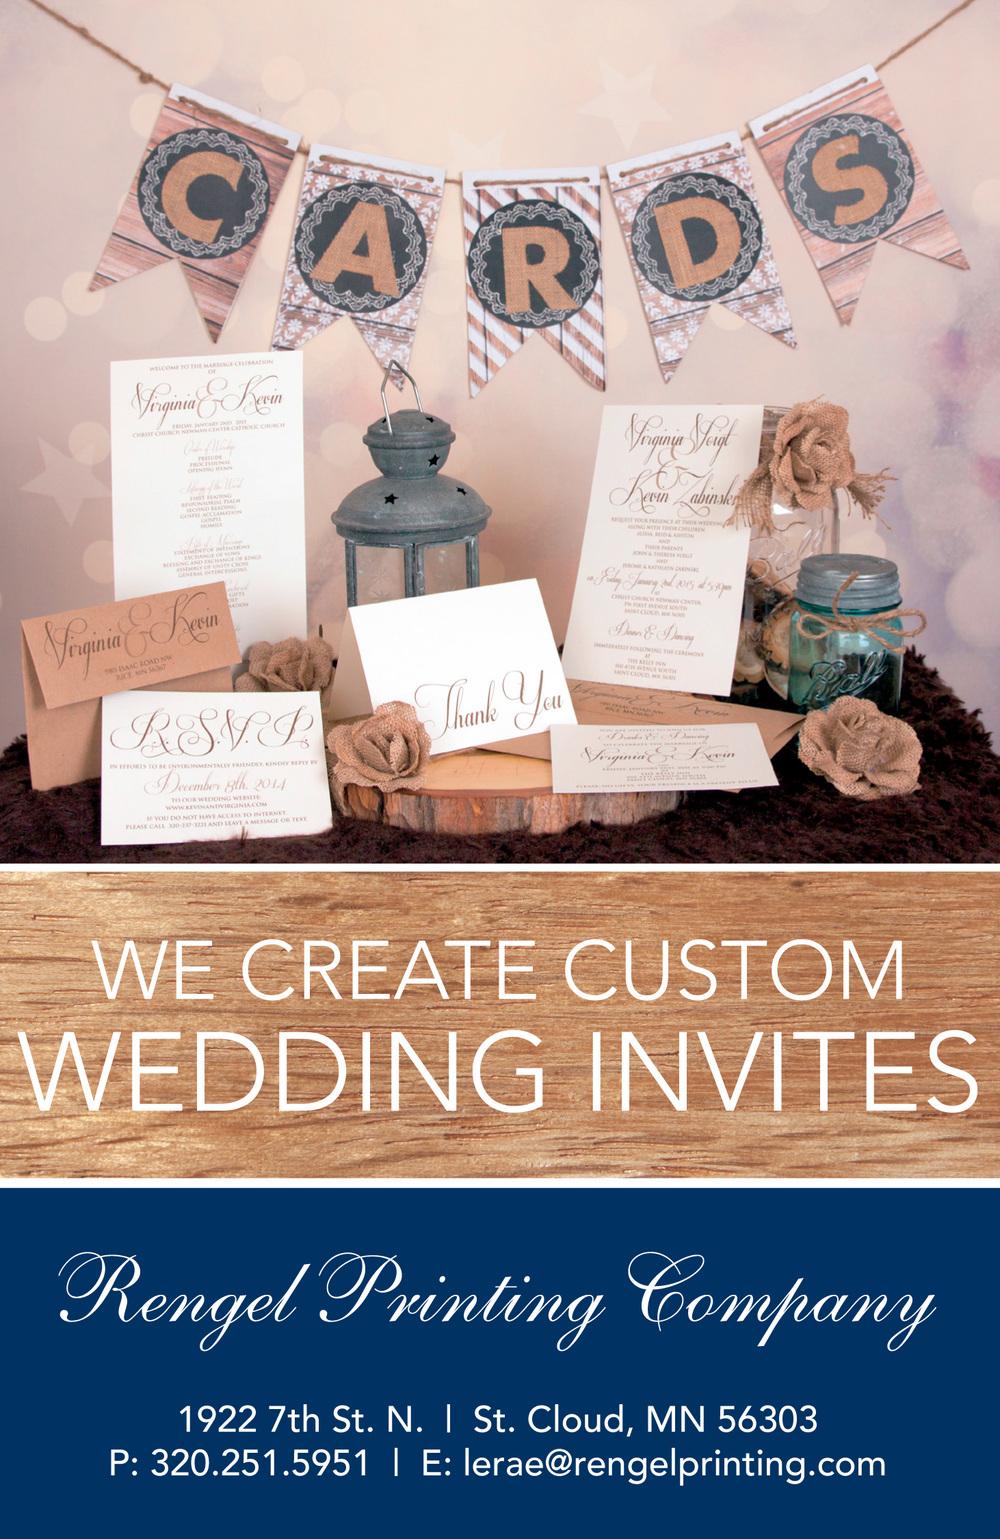 84921_15-16 Bride Guide-2.jpg